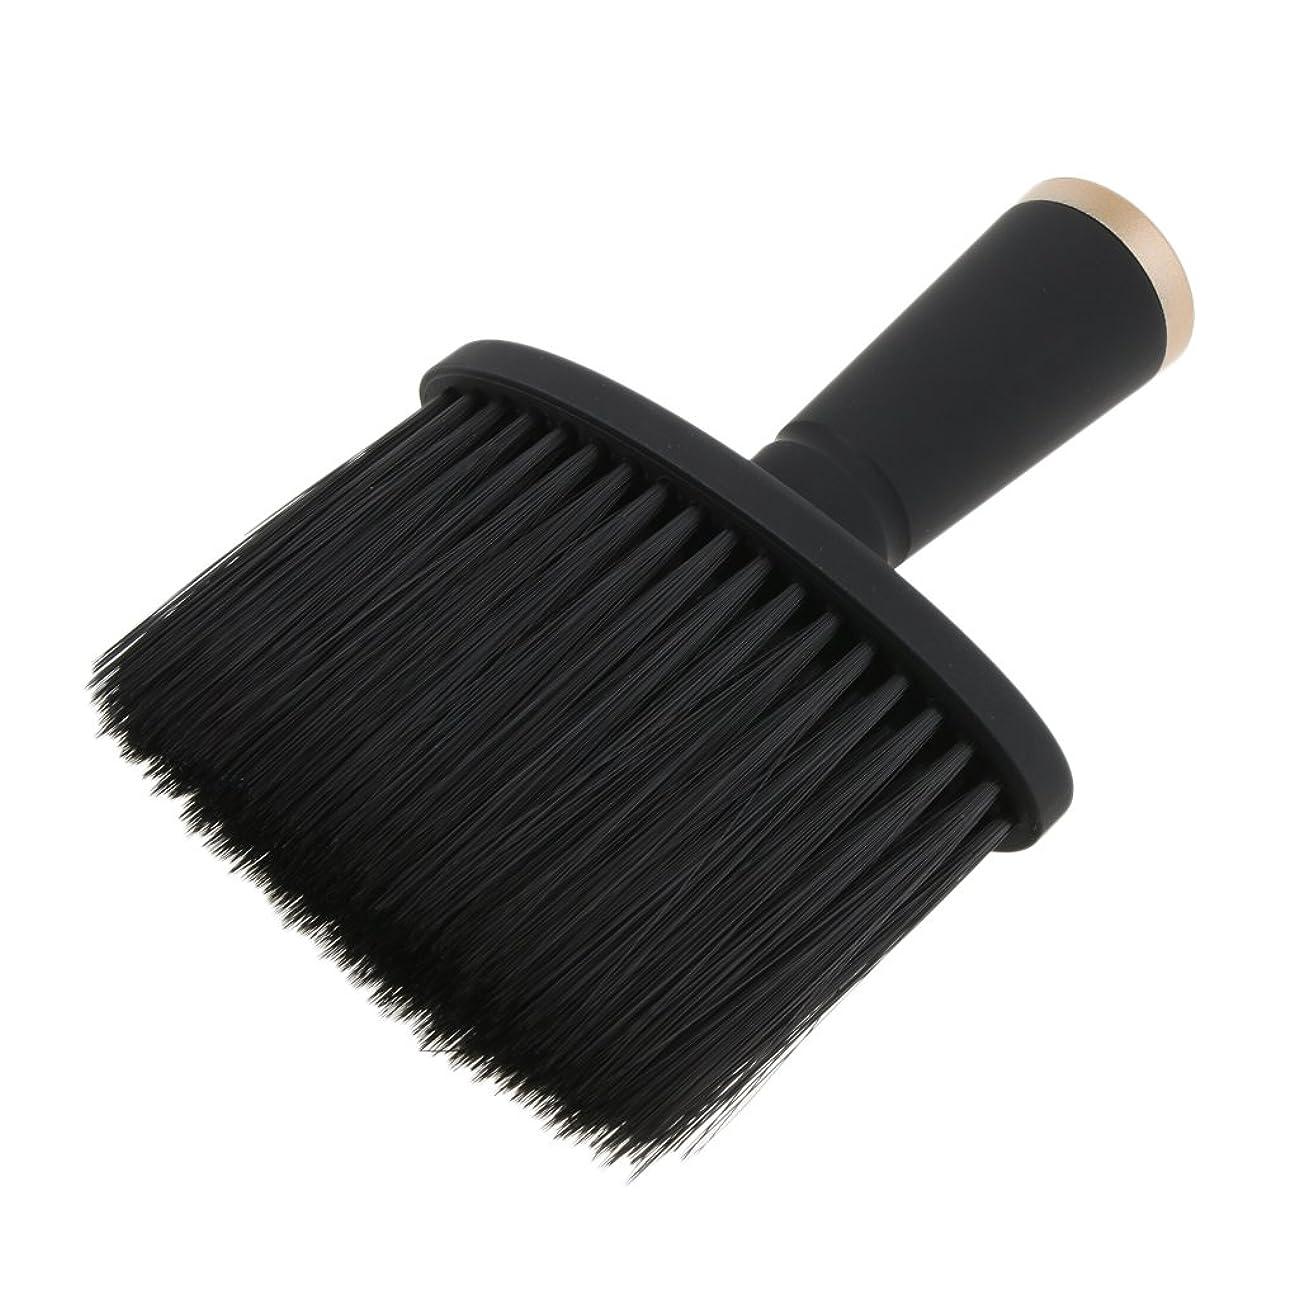 ウェーハ反逆葬儀Fenteer ネックダスターブラシ ヘアカット ヘアブラシ ヘアスタイリスト 理髪 高品質 合成繊維+プラスチック 全2色 - ゴールド